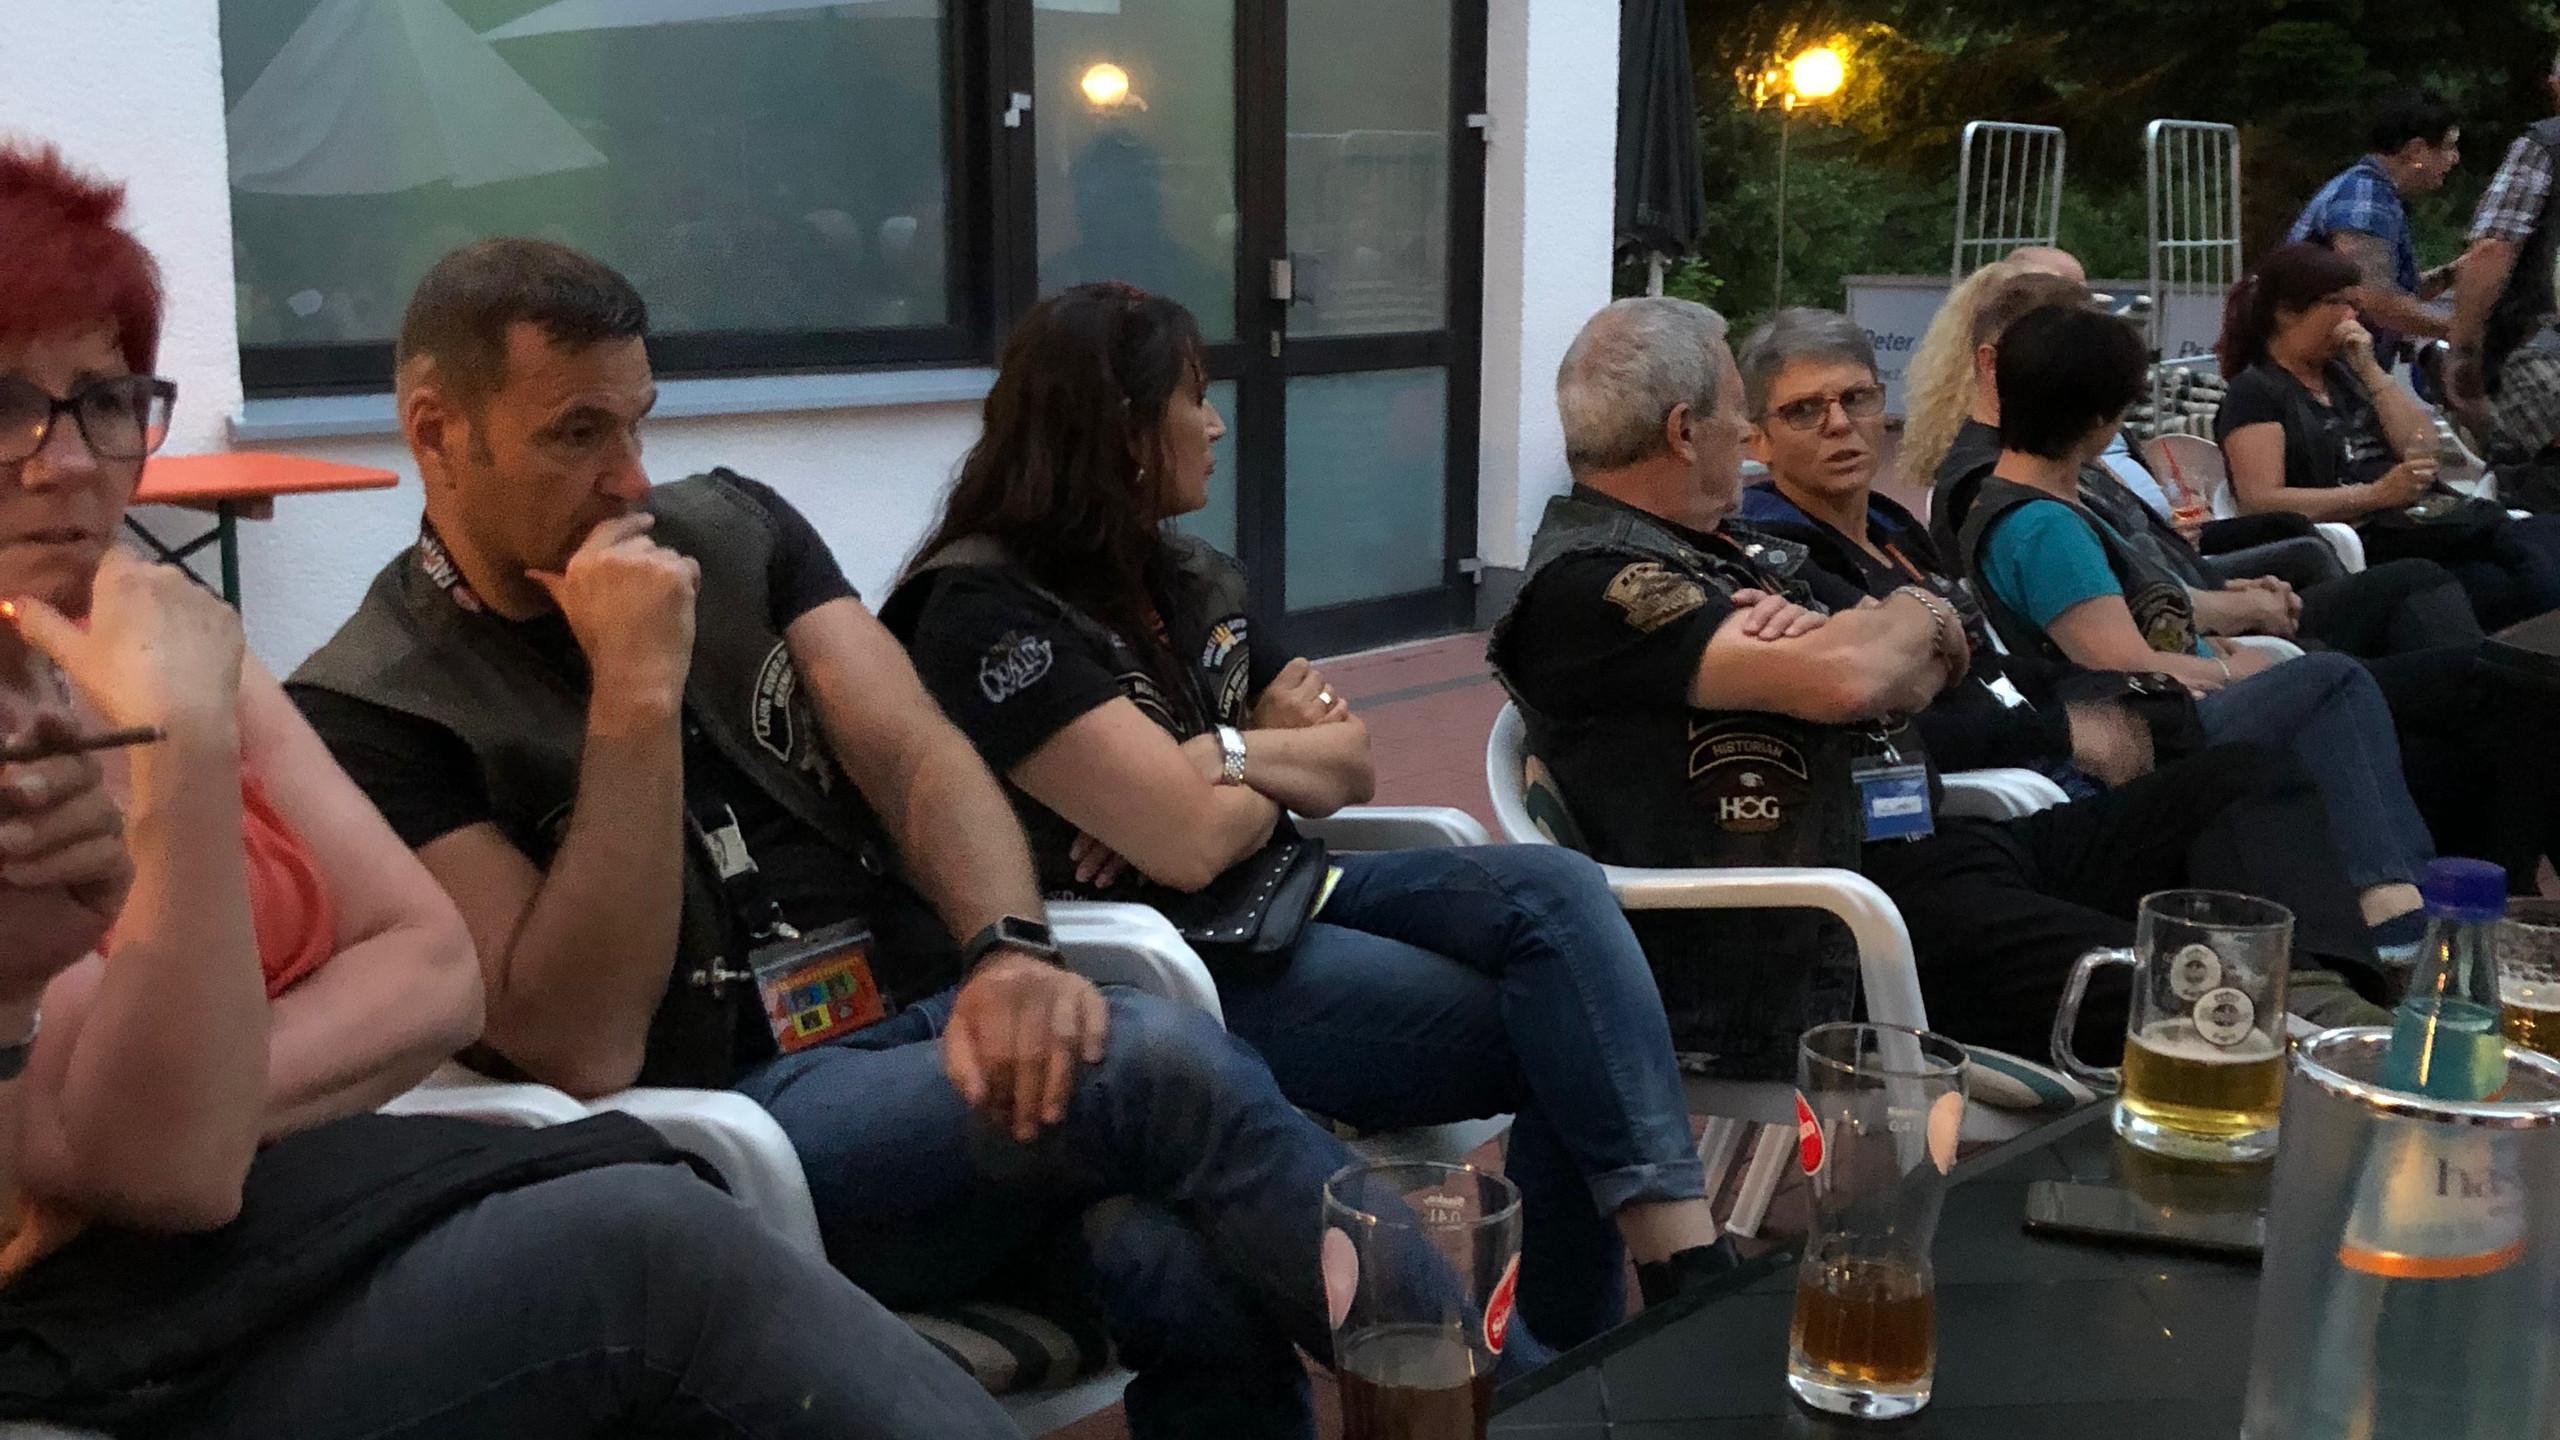 Abends Keeblatt Treffen